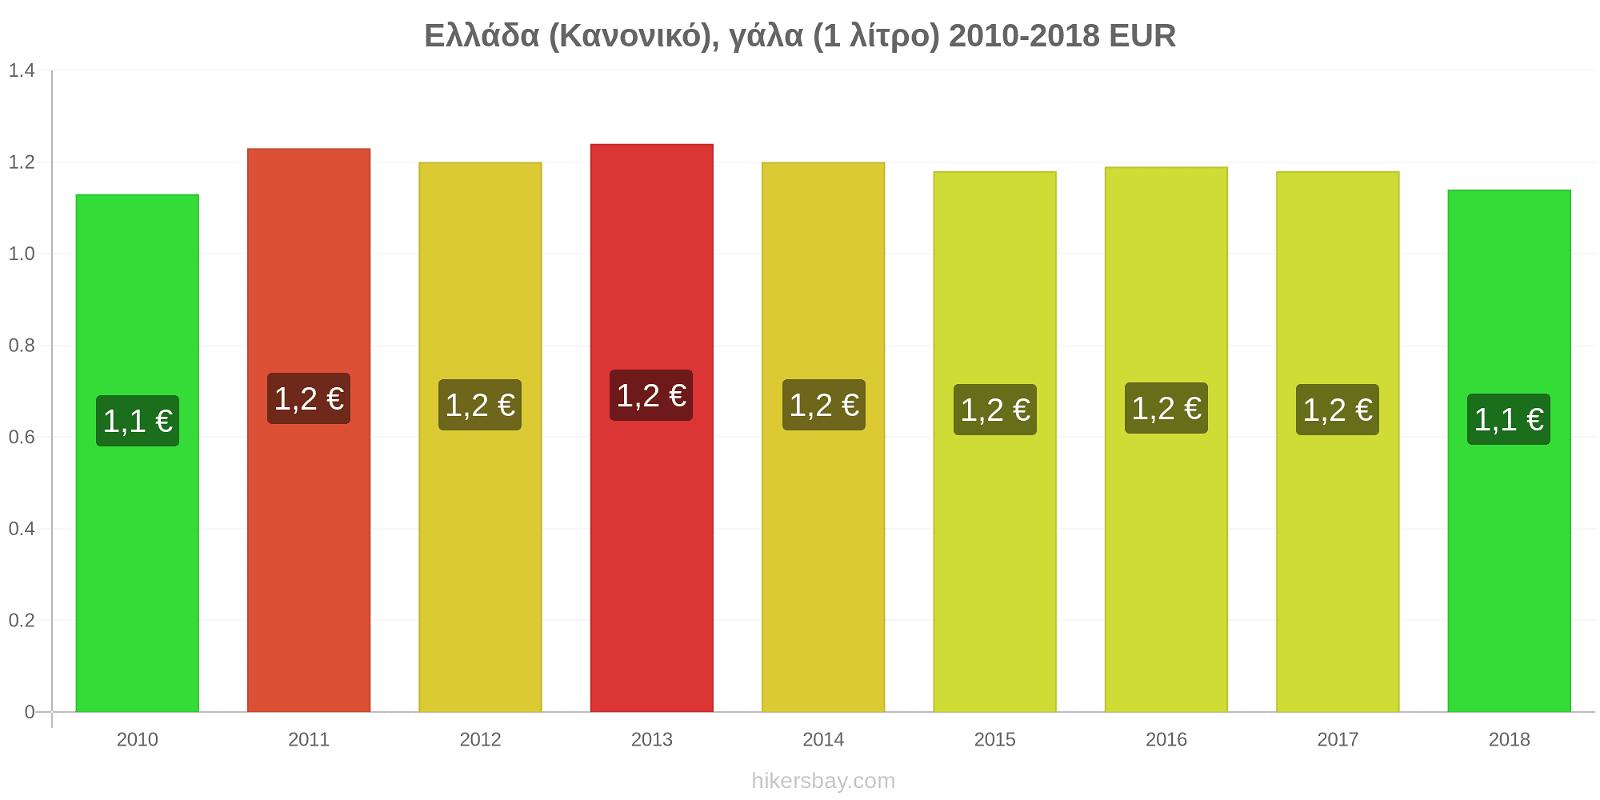 Ελλάδα αλλαγές τιμών (Κανονικό), γάλα (1 λίτρο) hikersbay.com